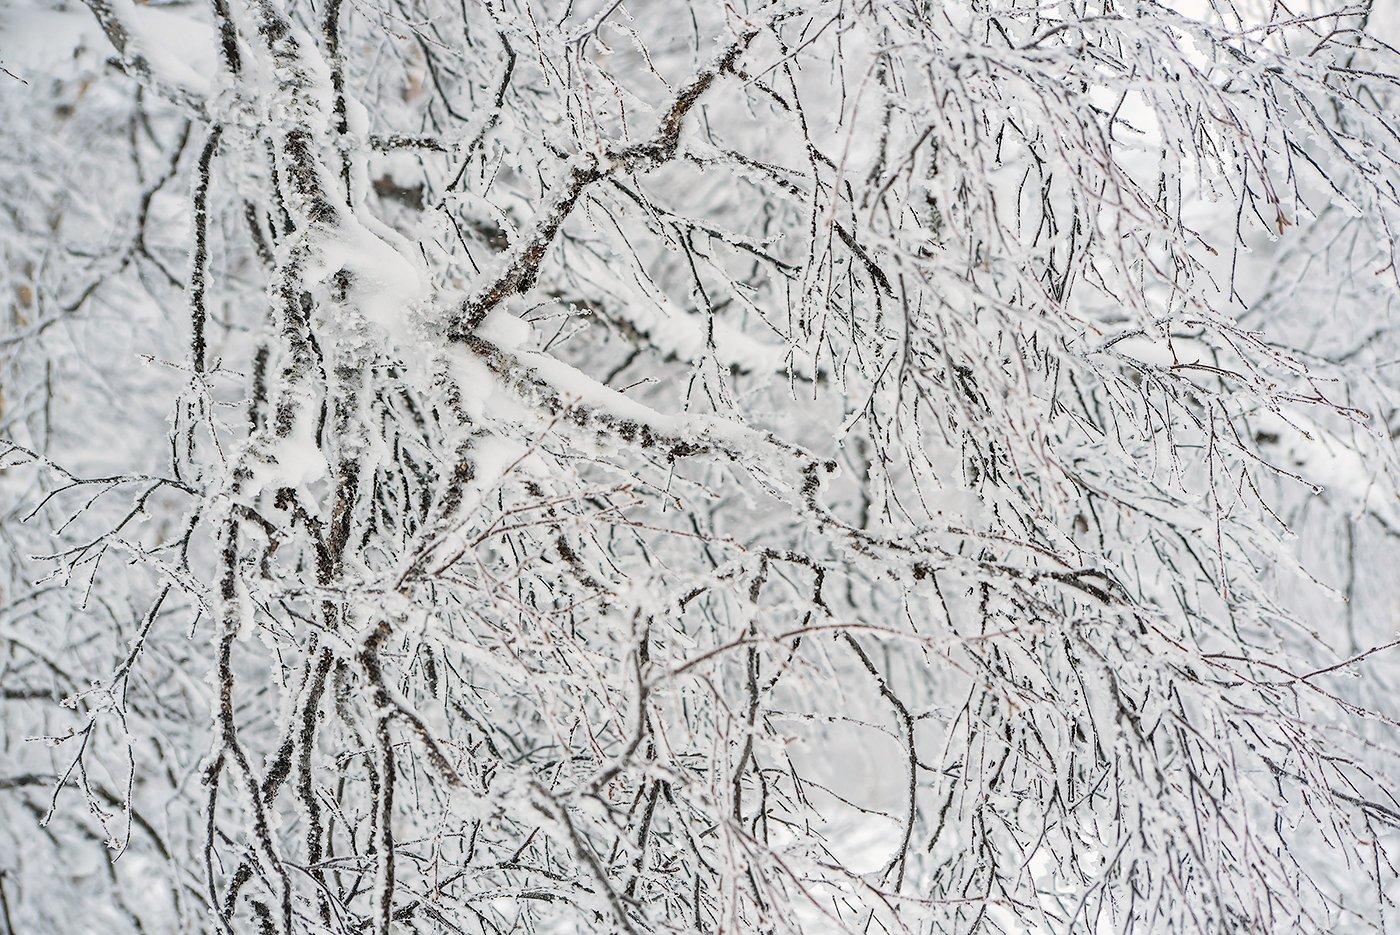 береза, ветки берёзы, иней, мороз, зима, облачность, туман, гора зелёная, шерегеш, горная шория, сибирь, Валерий Пешков